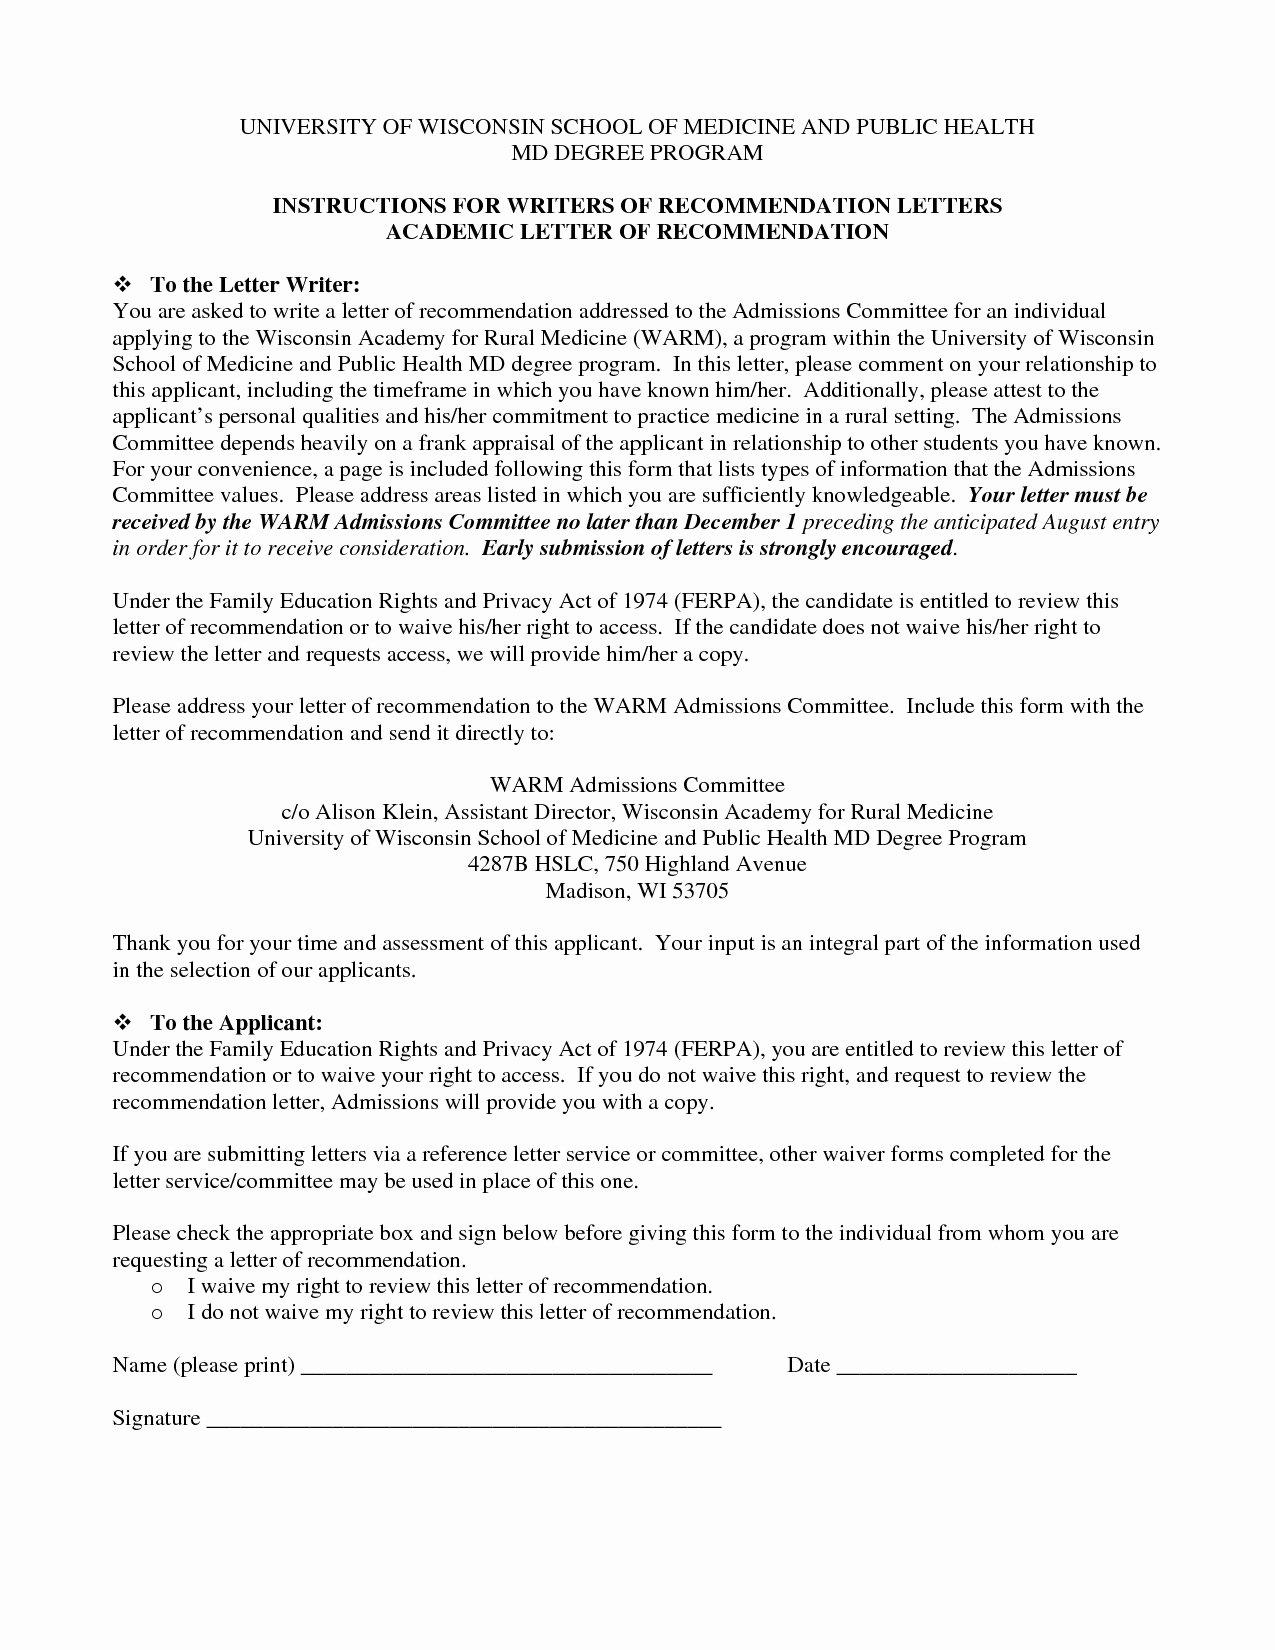 Sample Medical School Recommendation Letter New Template for Letter Re Mendation for Medical School